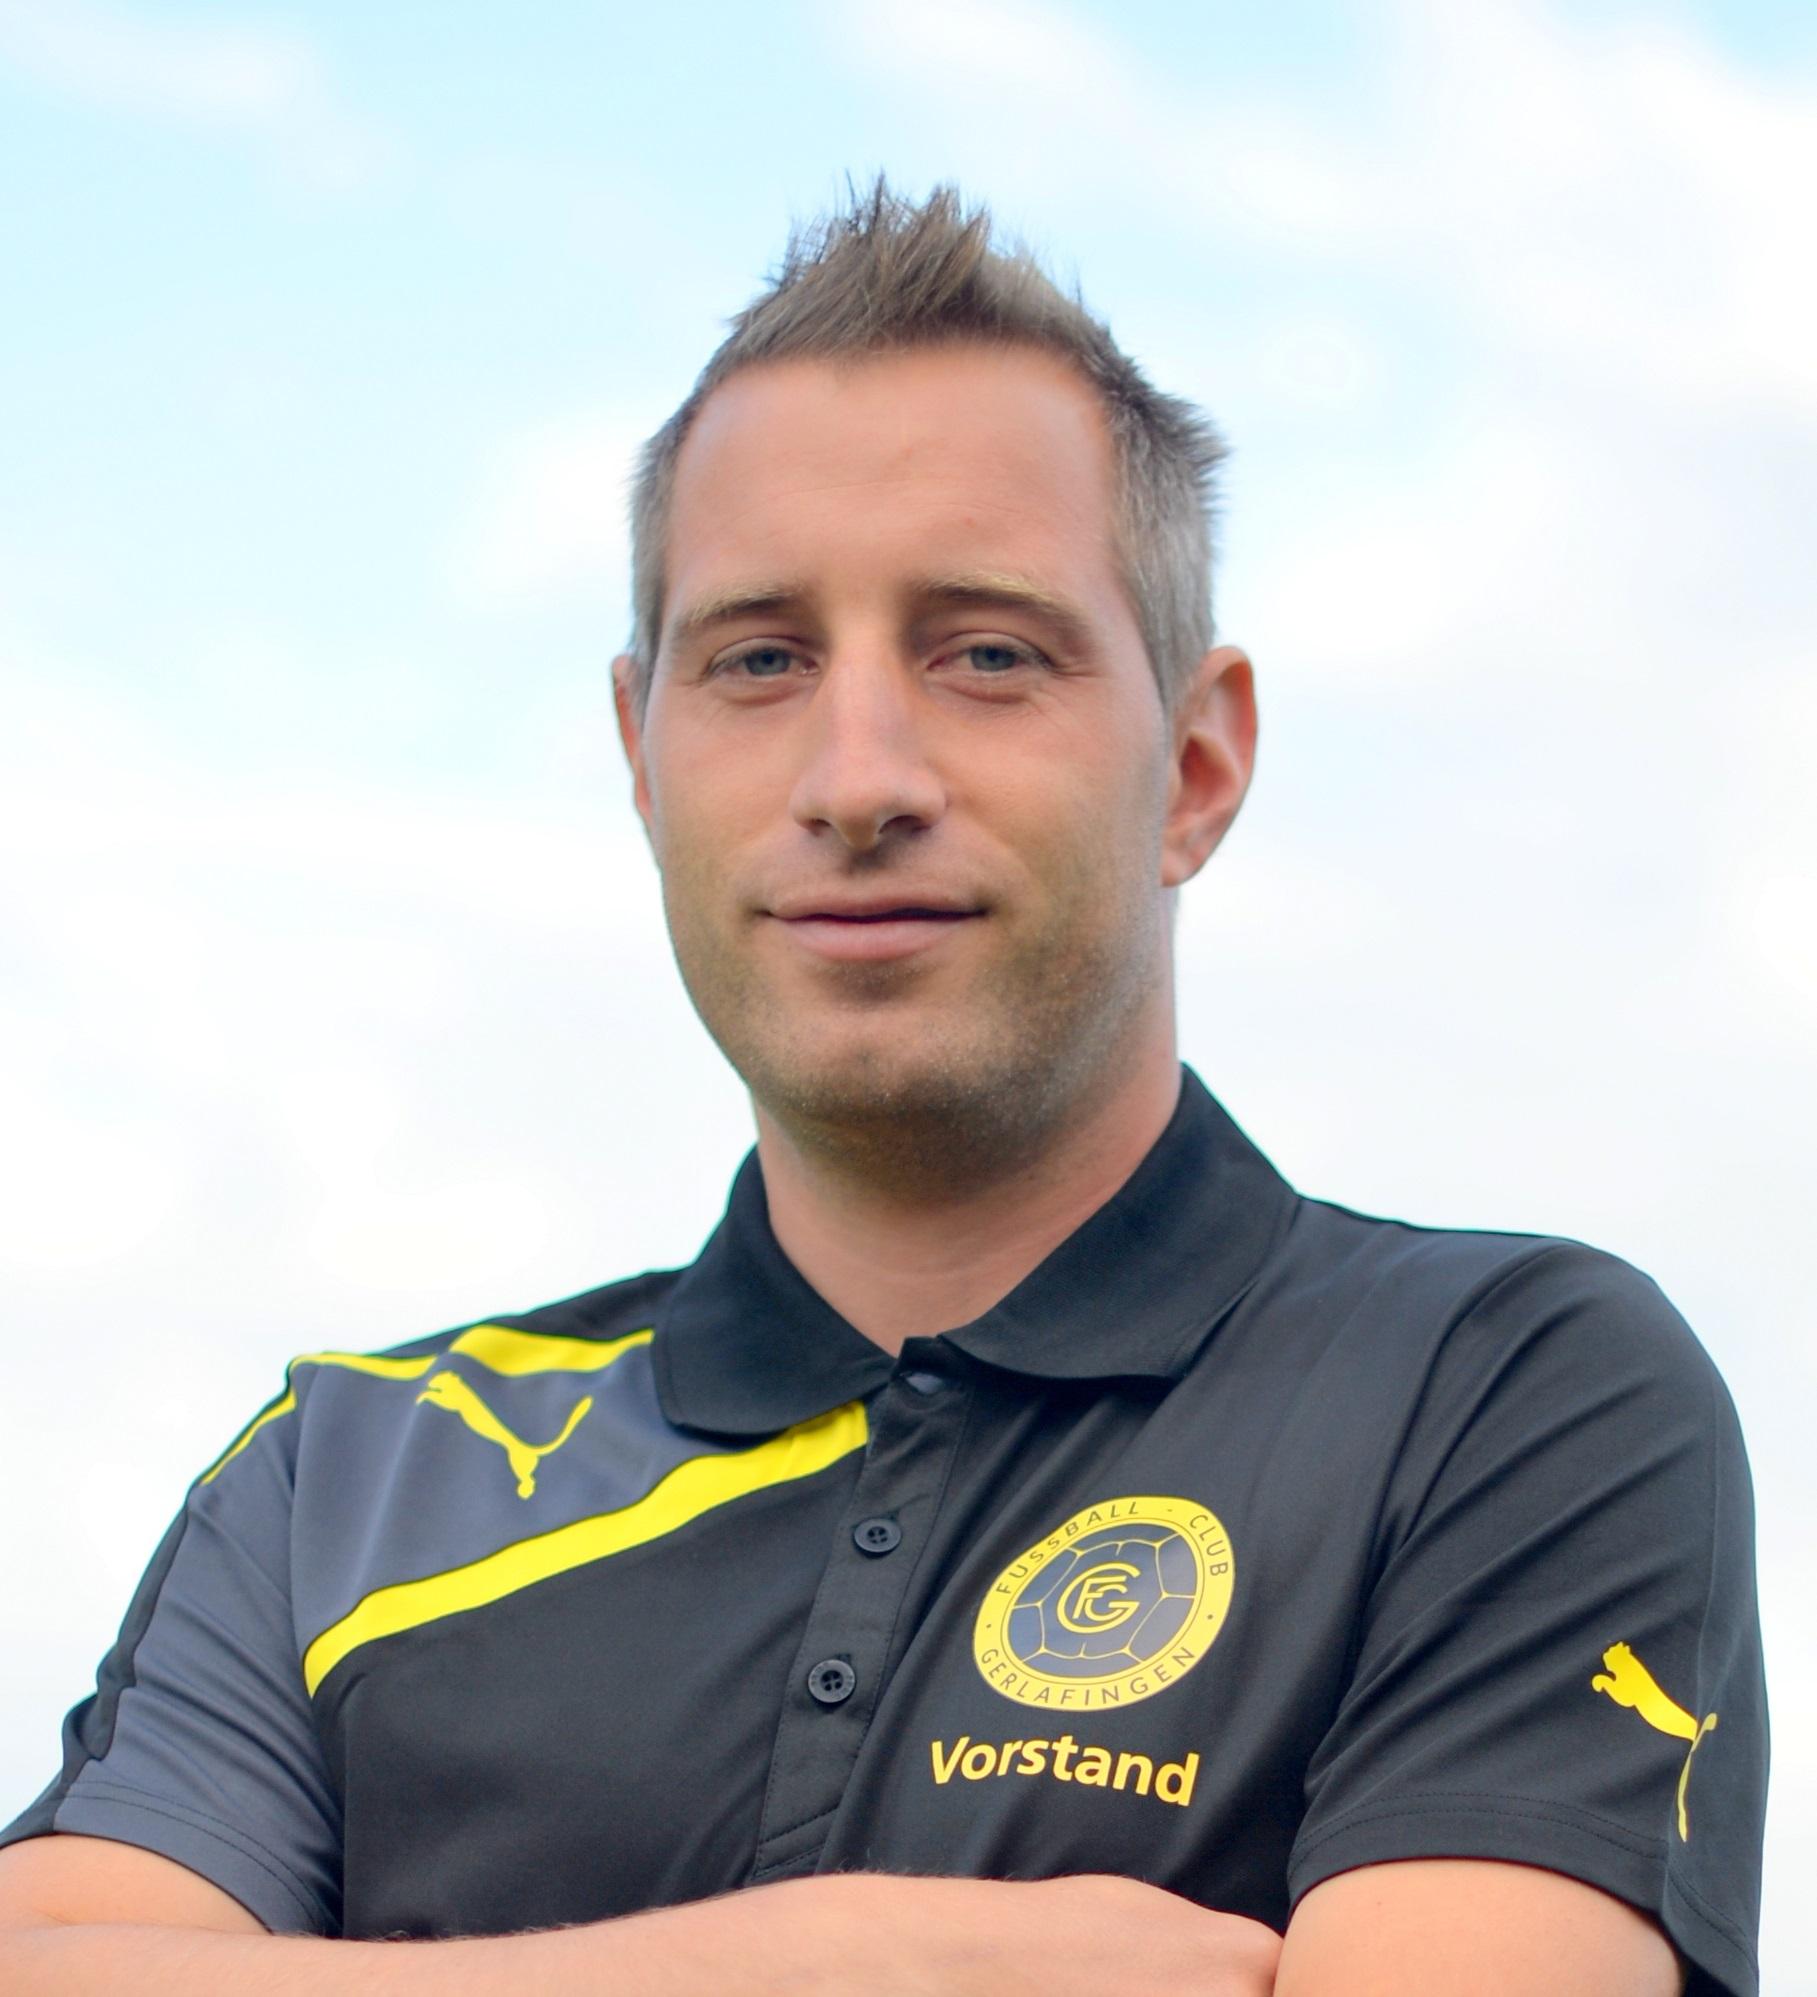 Rolf Kirchhofer